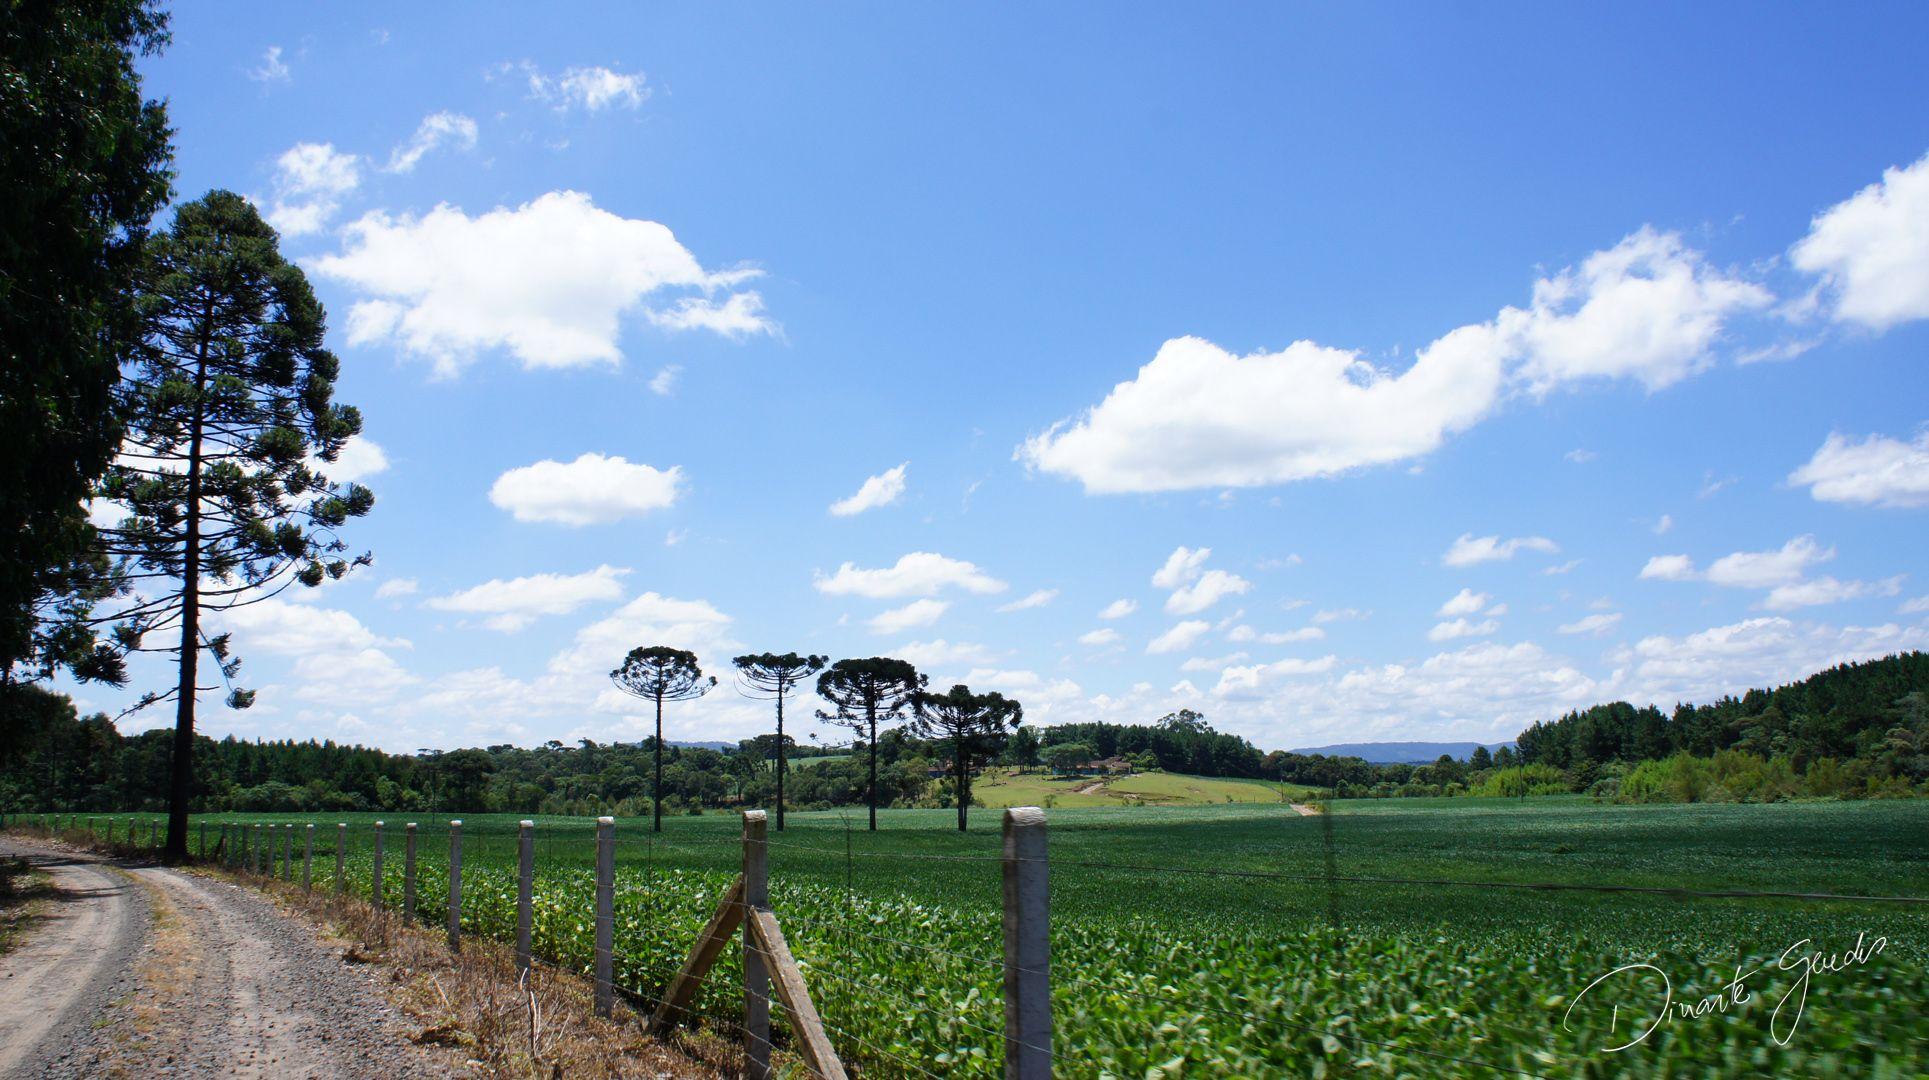 Vista rural típica de Porto União, localidade do Cachoeirinha.